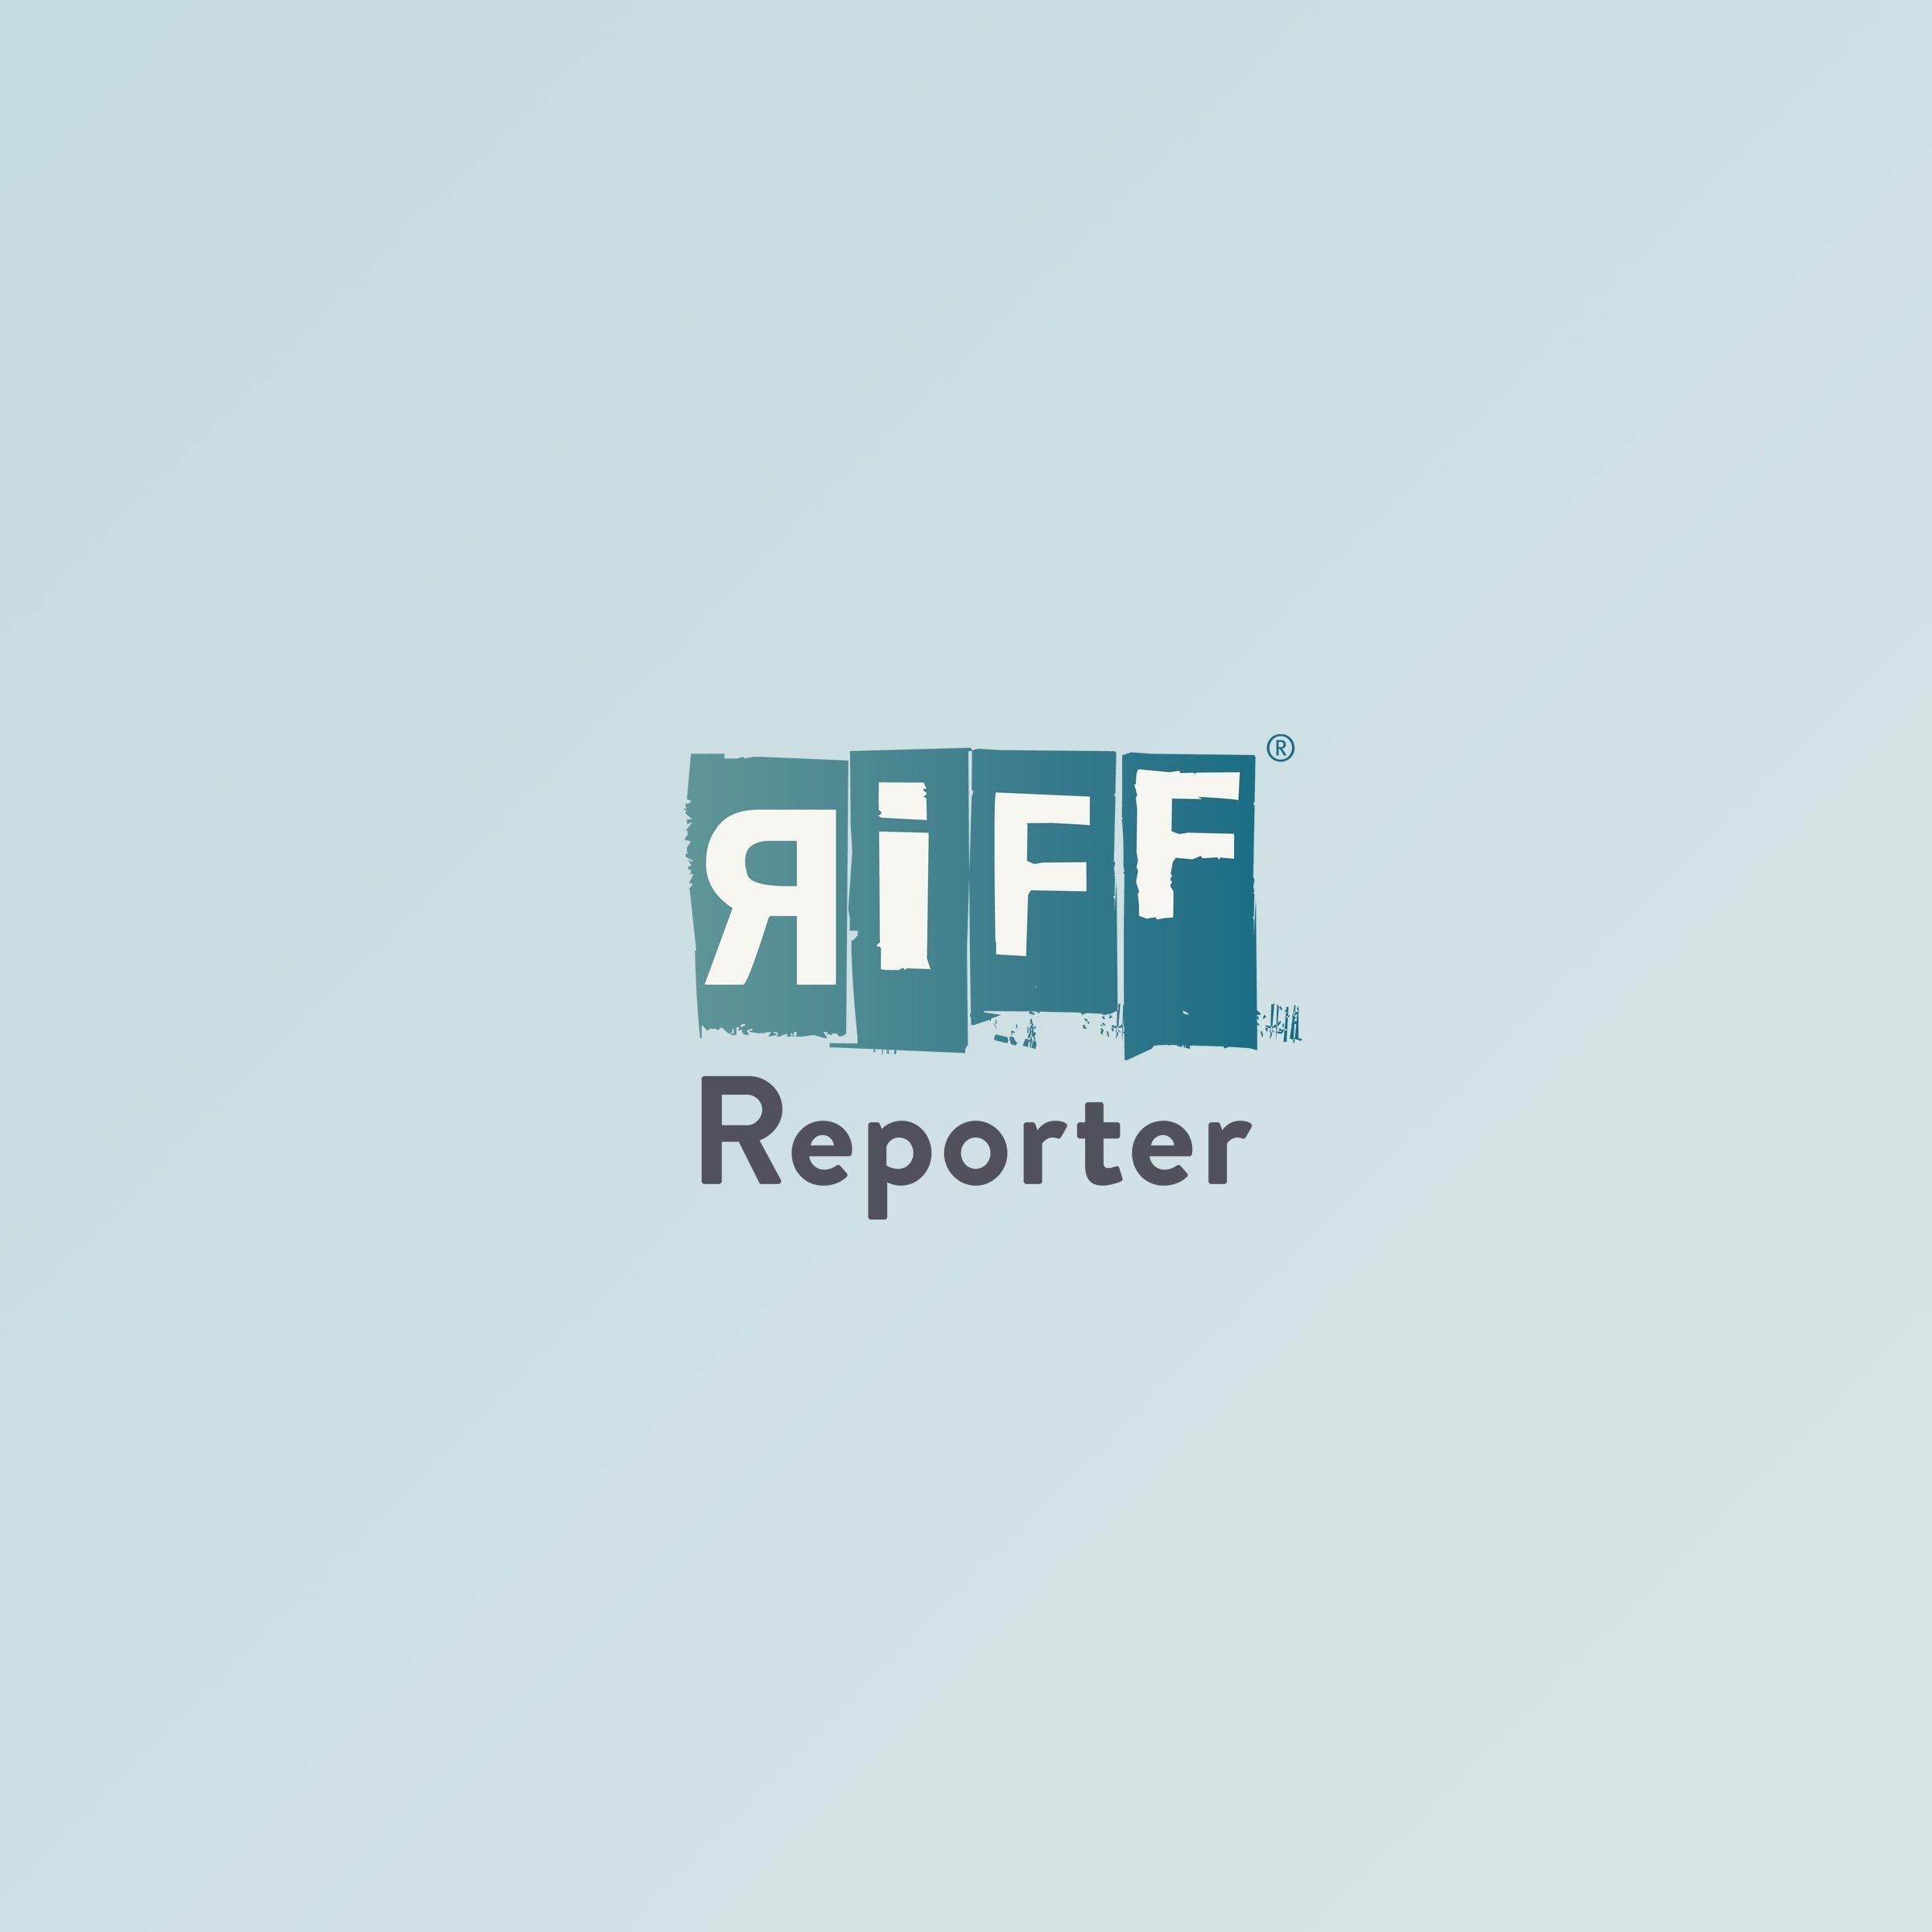 RiffReporter Logo